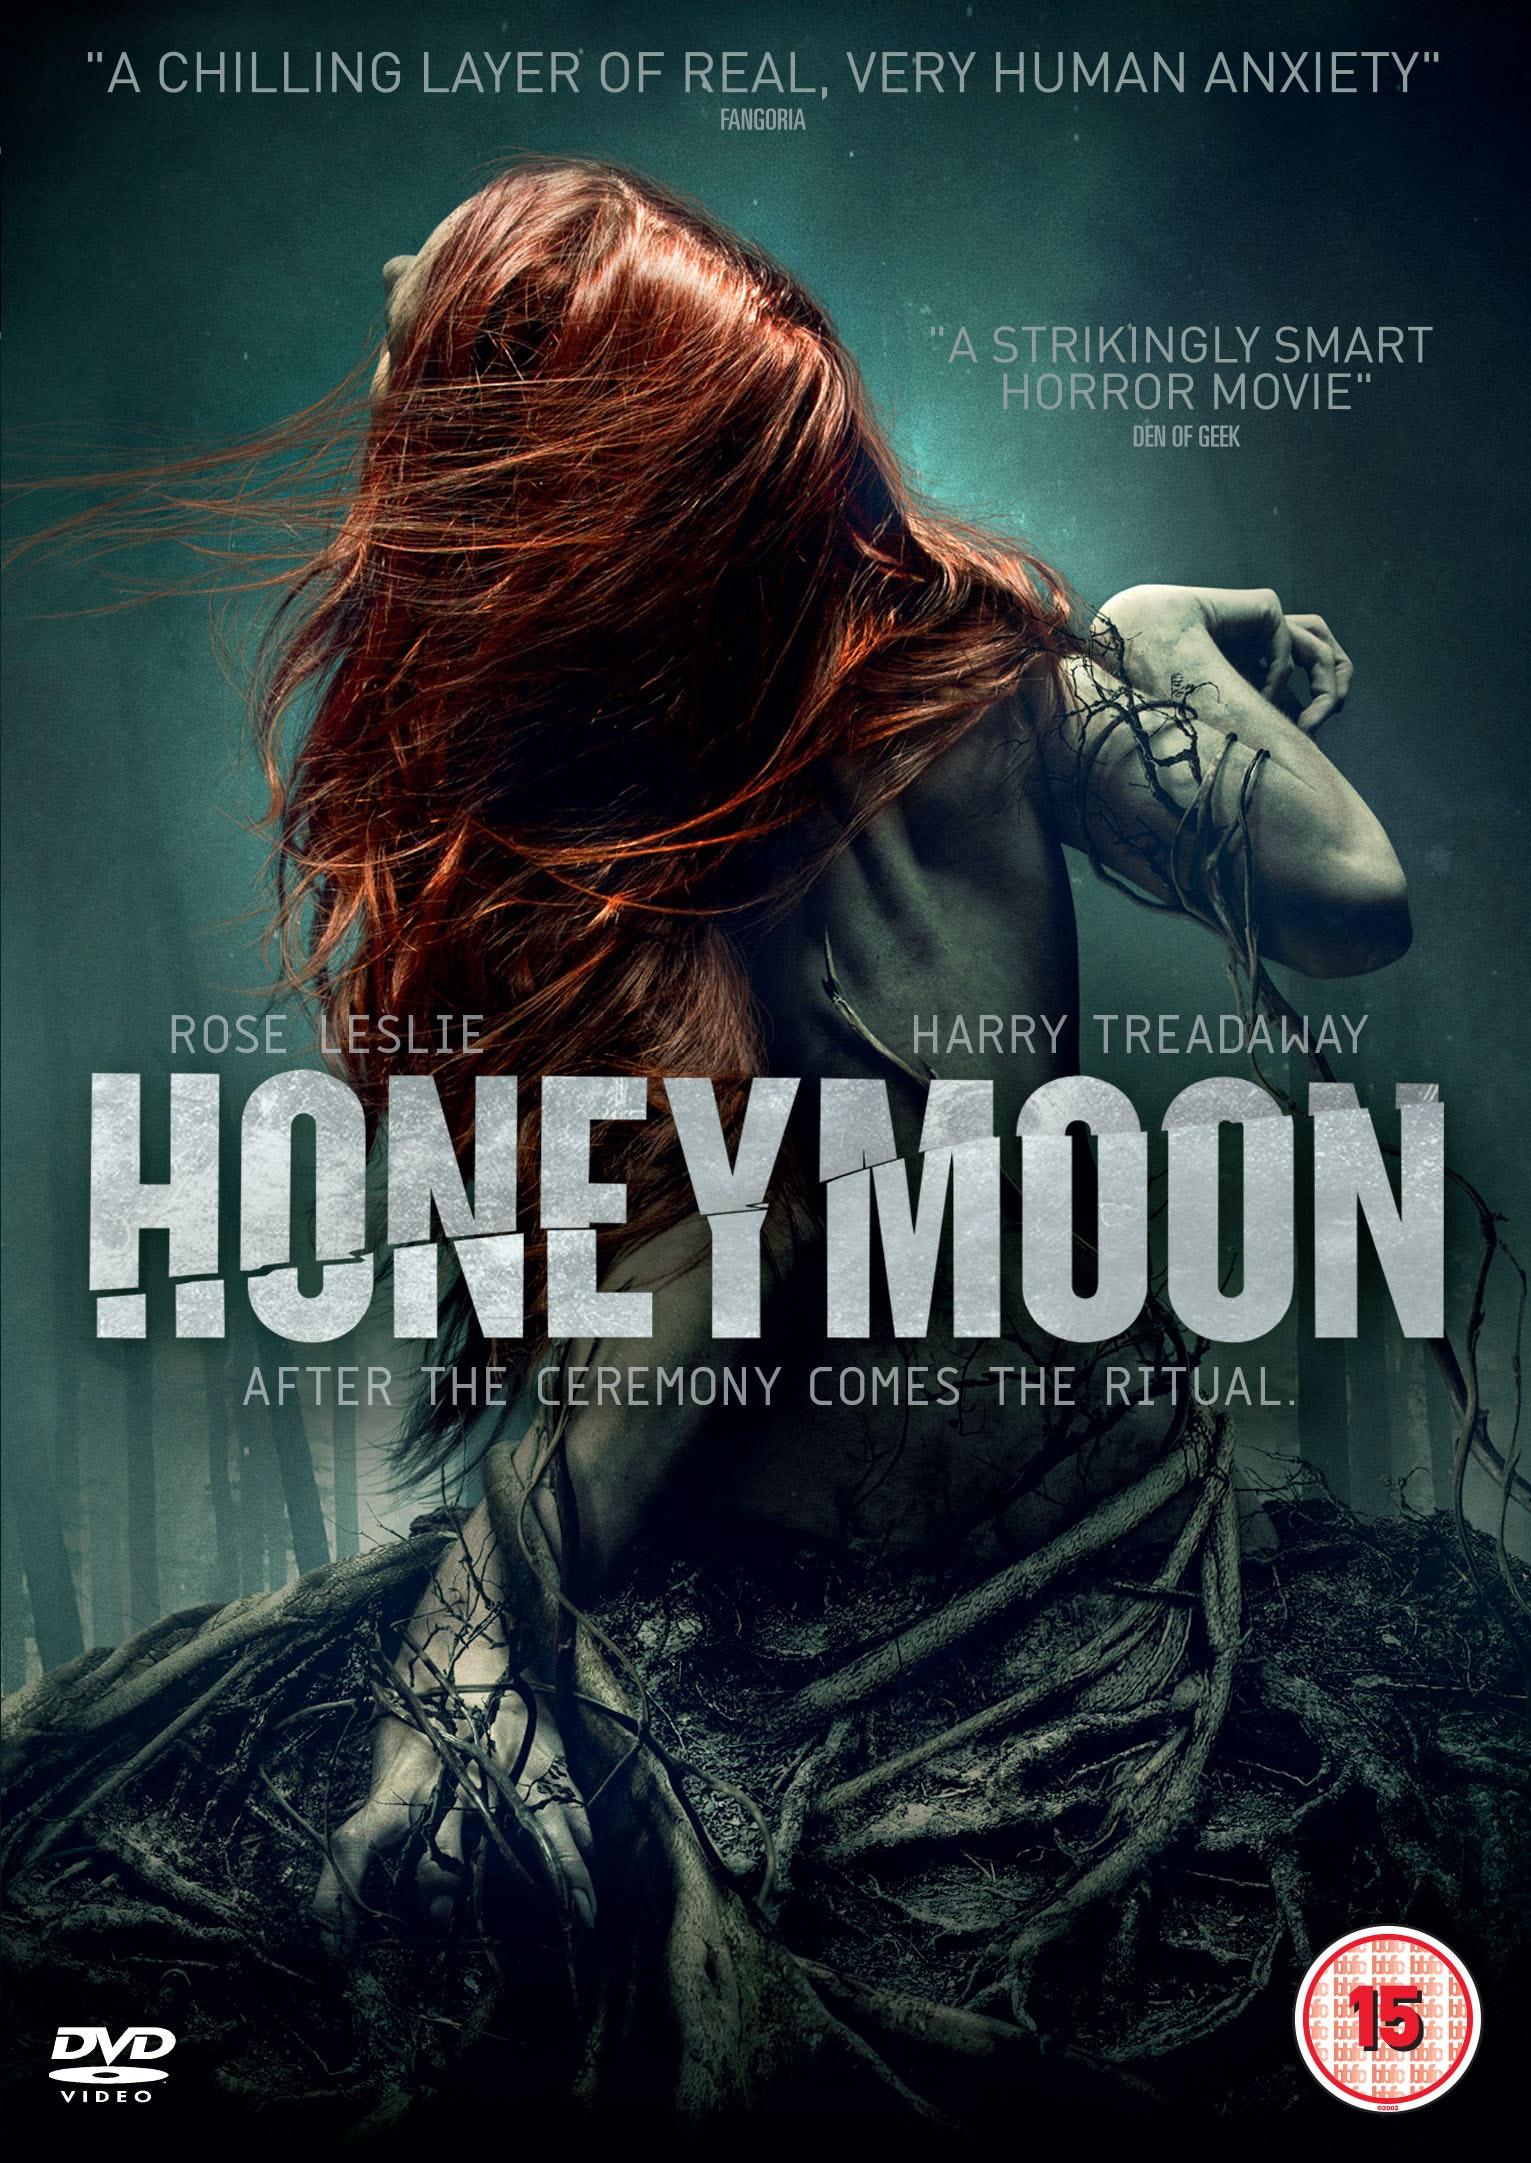 Honeymoon 2d dvd